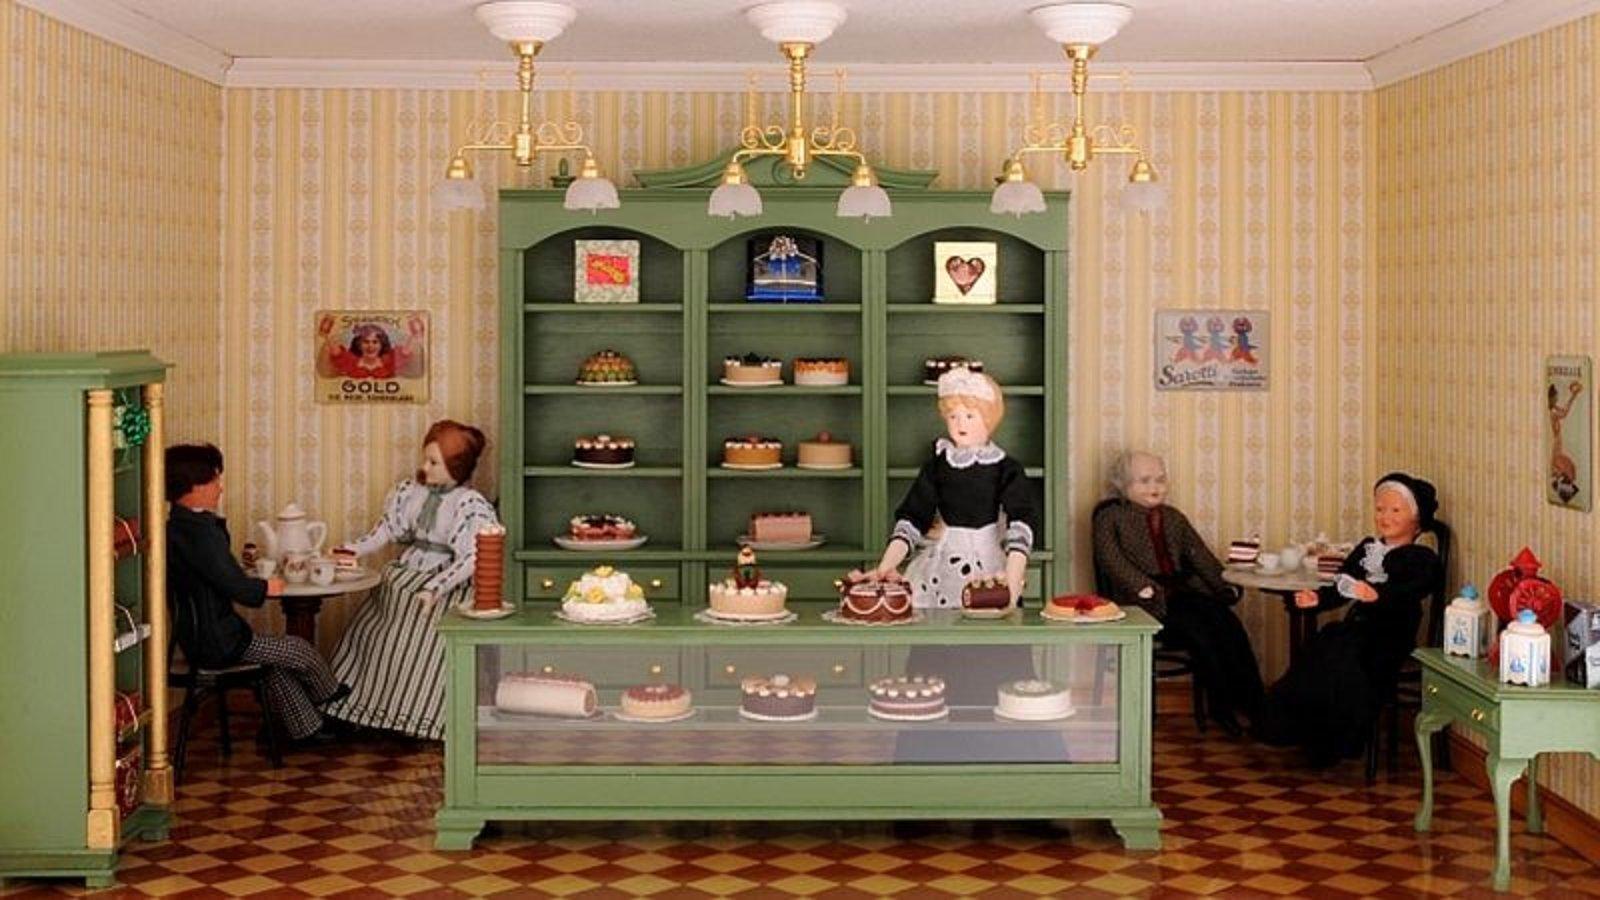 NEU: Bausatz-Set - Café und Konditorei - inklusive Lackspray in Reseda-Grün!